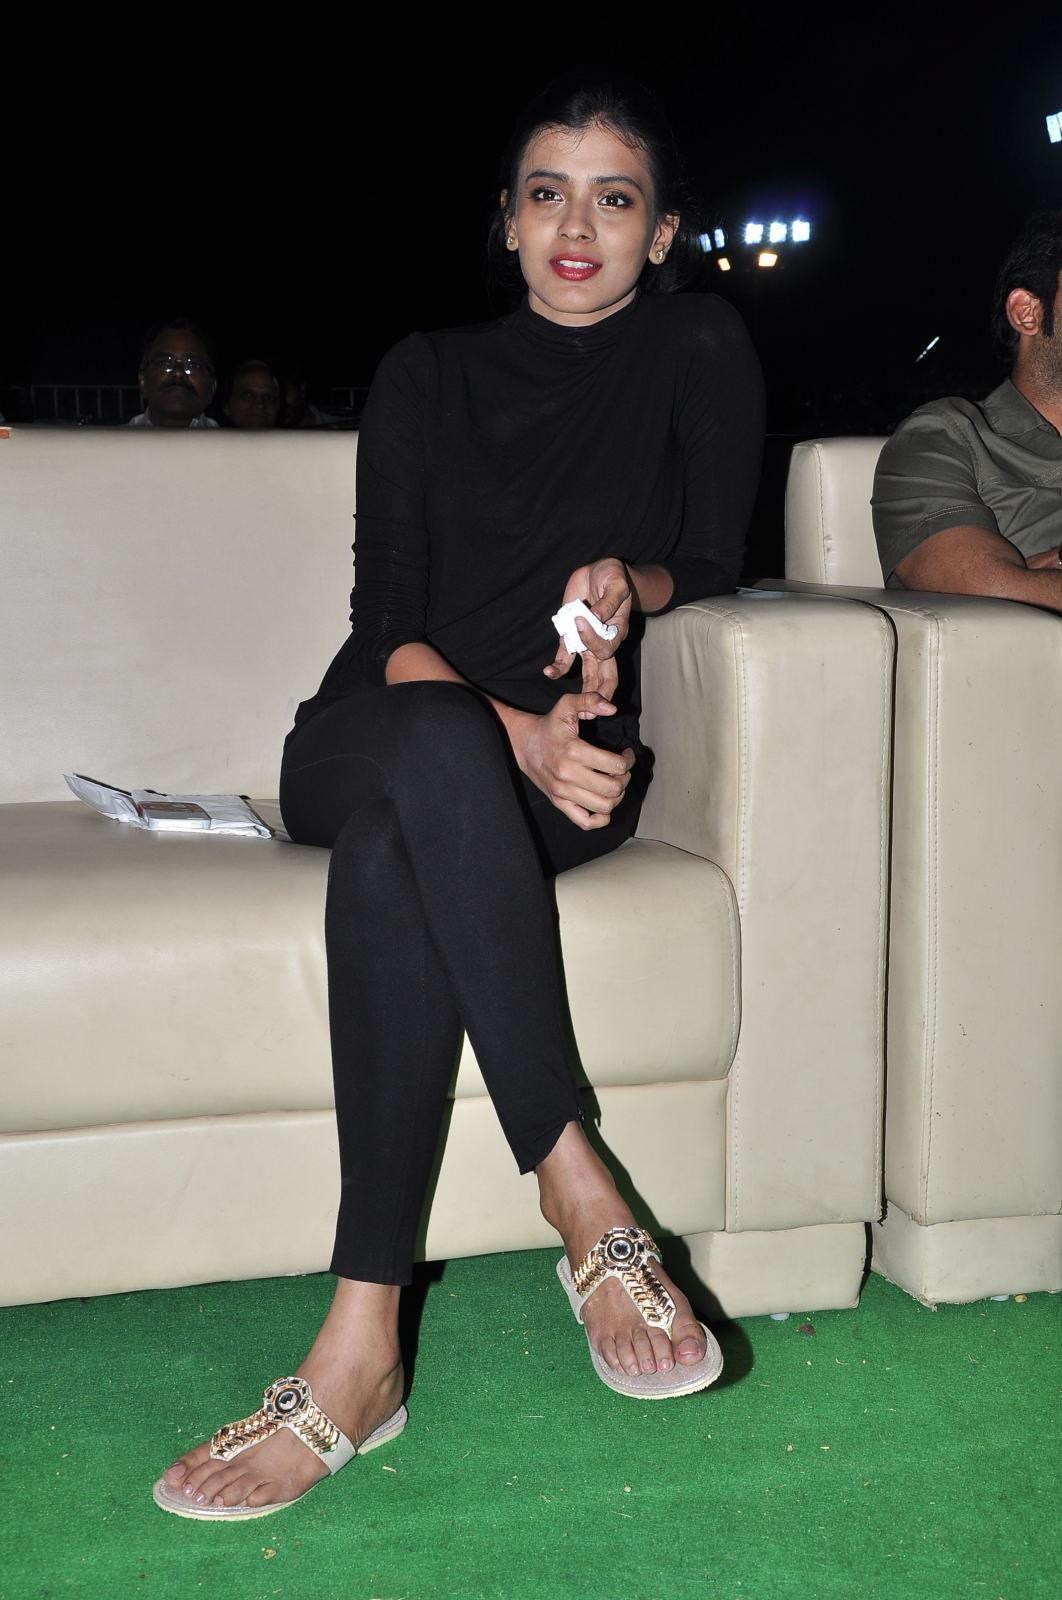 Hebah Patel at Kumari 21f platinum disk event-HQ-Photo-11